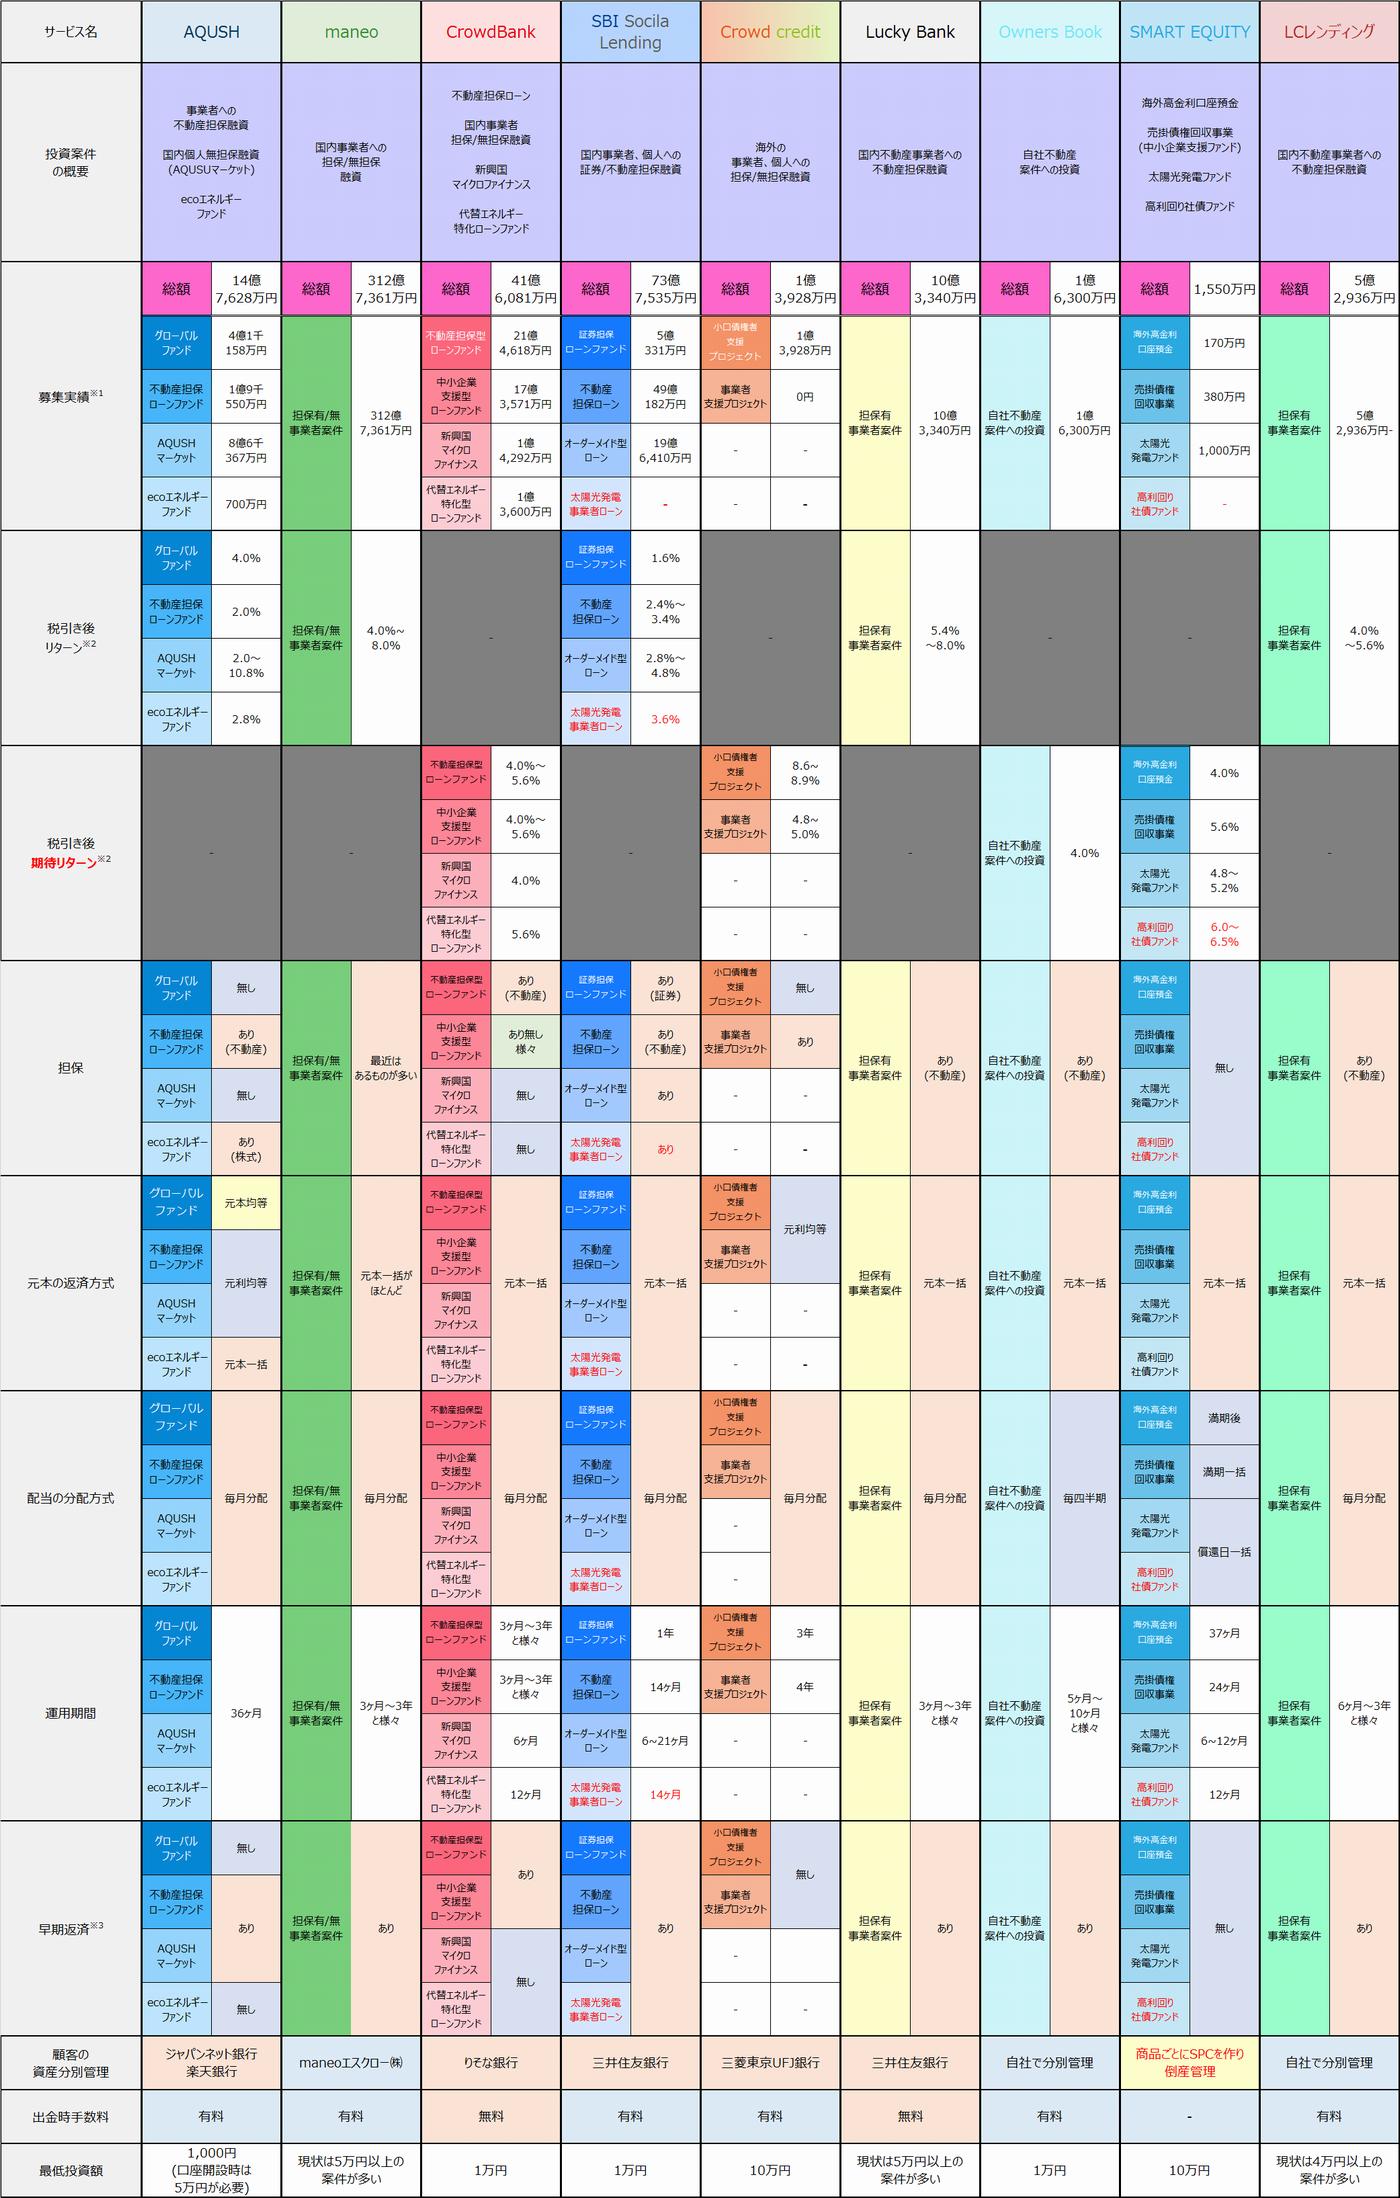 ソーシャルレンディング主要サービス案件比較表